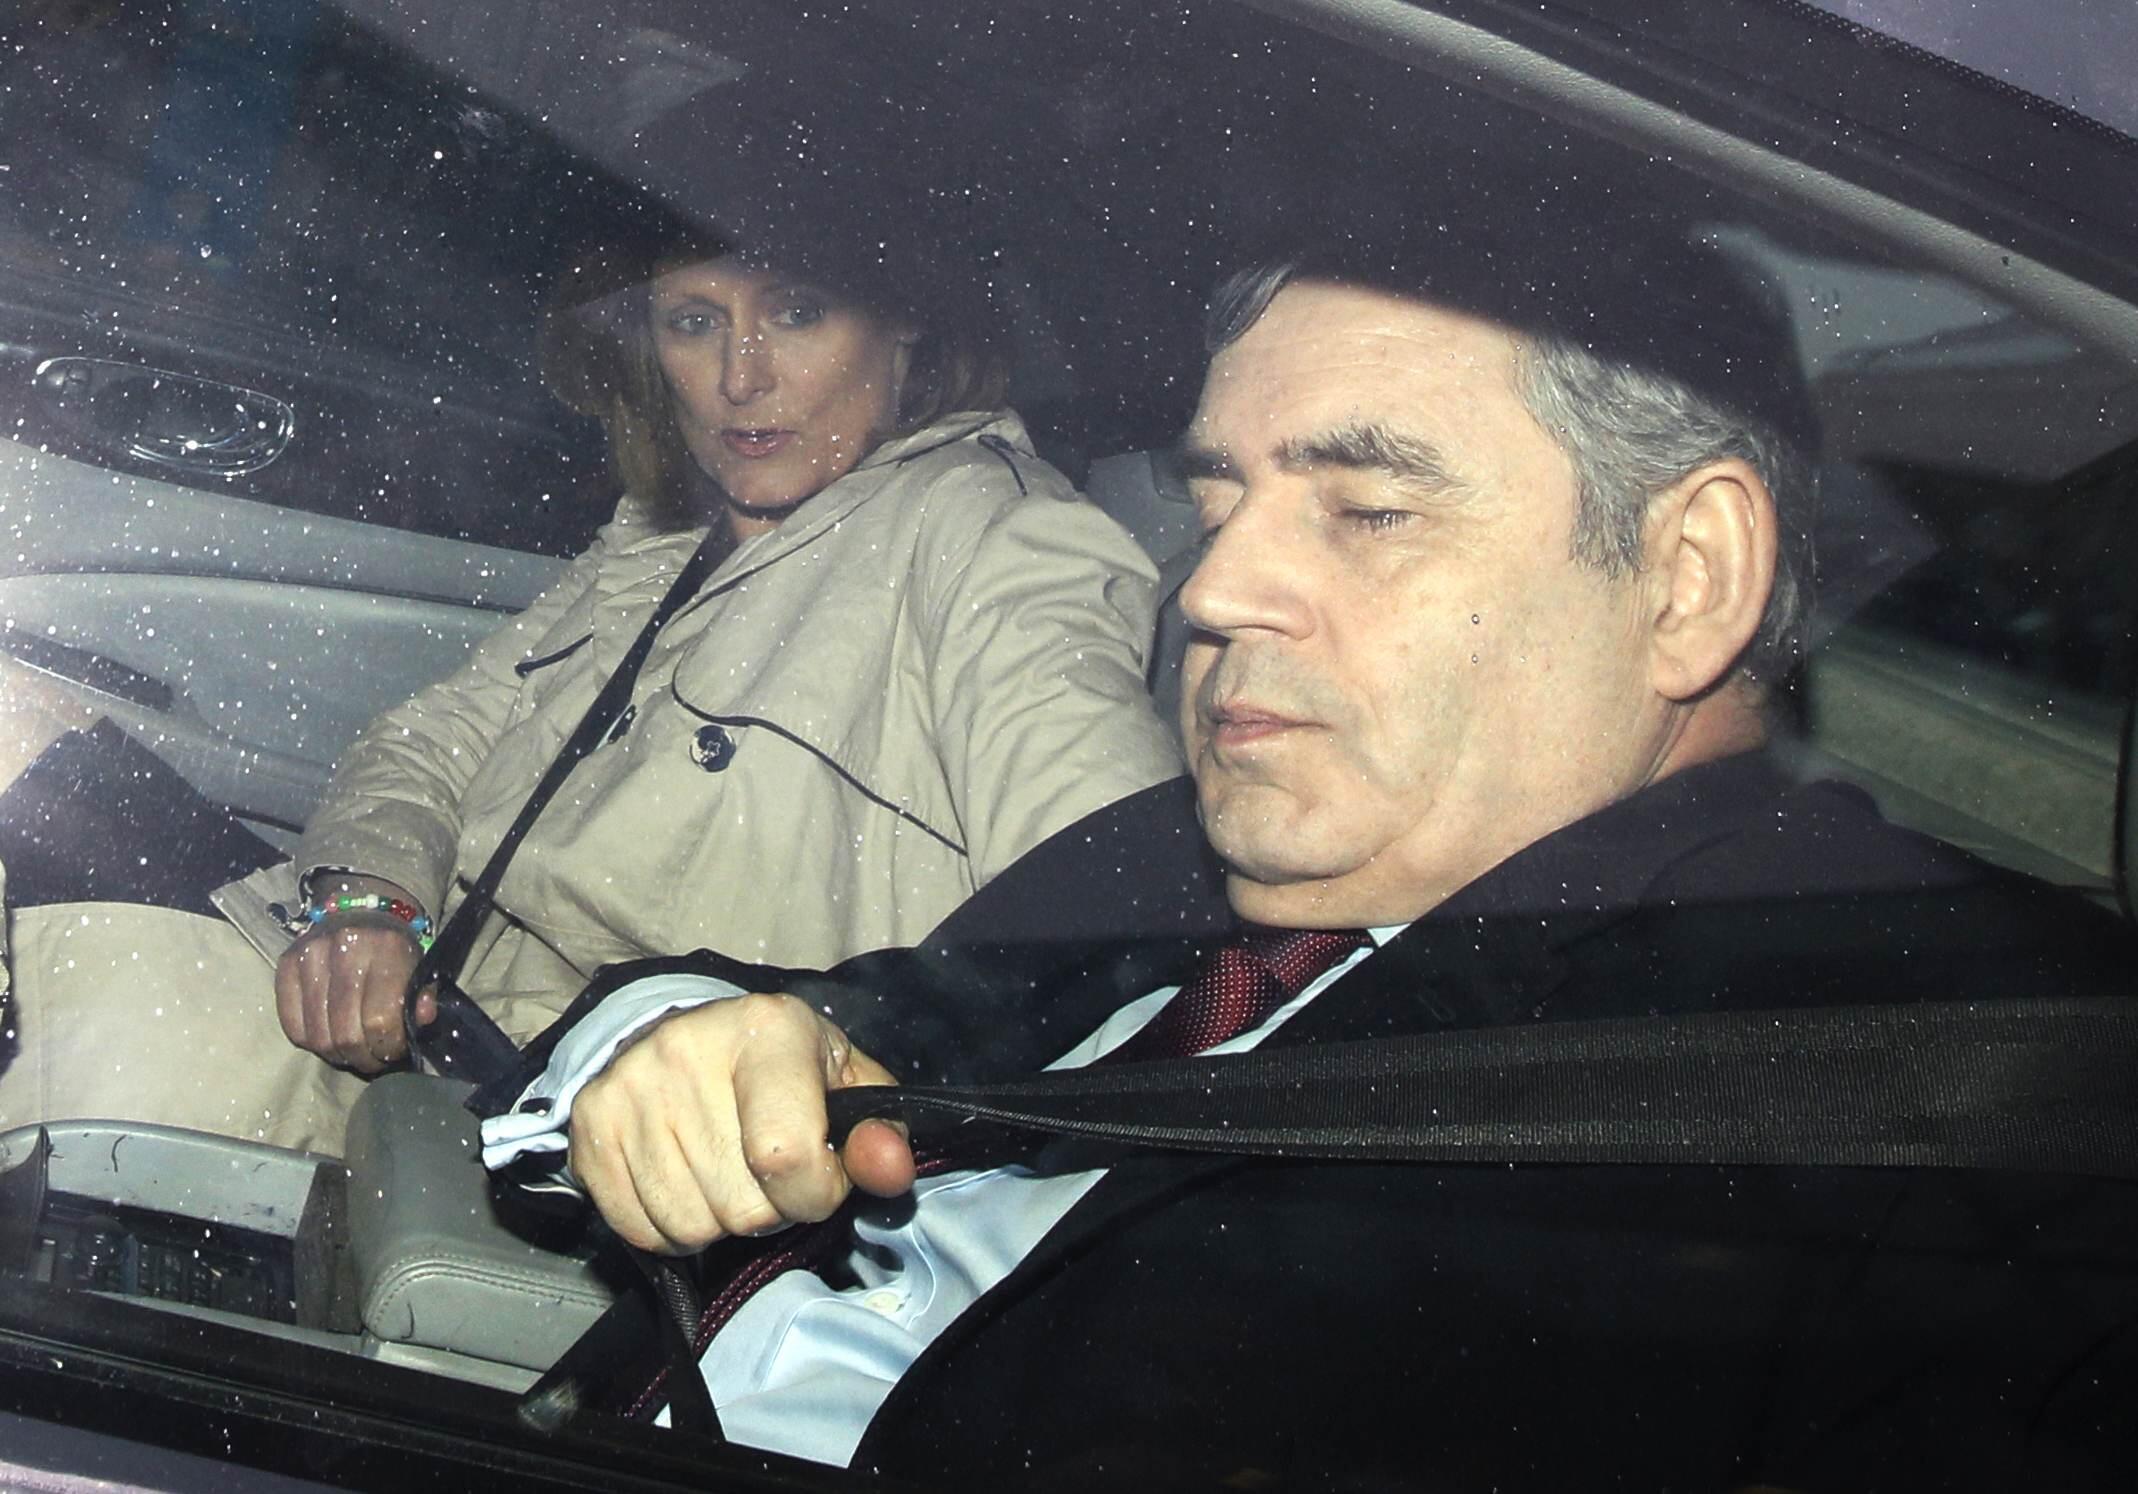 Gordon Brown et son épouse dans leur voiture. Conscient que cette gaffe pourrait lui faire perdre plus qu'une électrice, Gordon Brown a tout fait pour tenter de se faire pardonner.